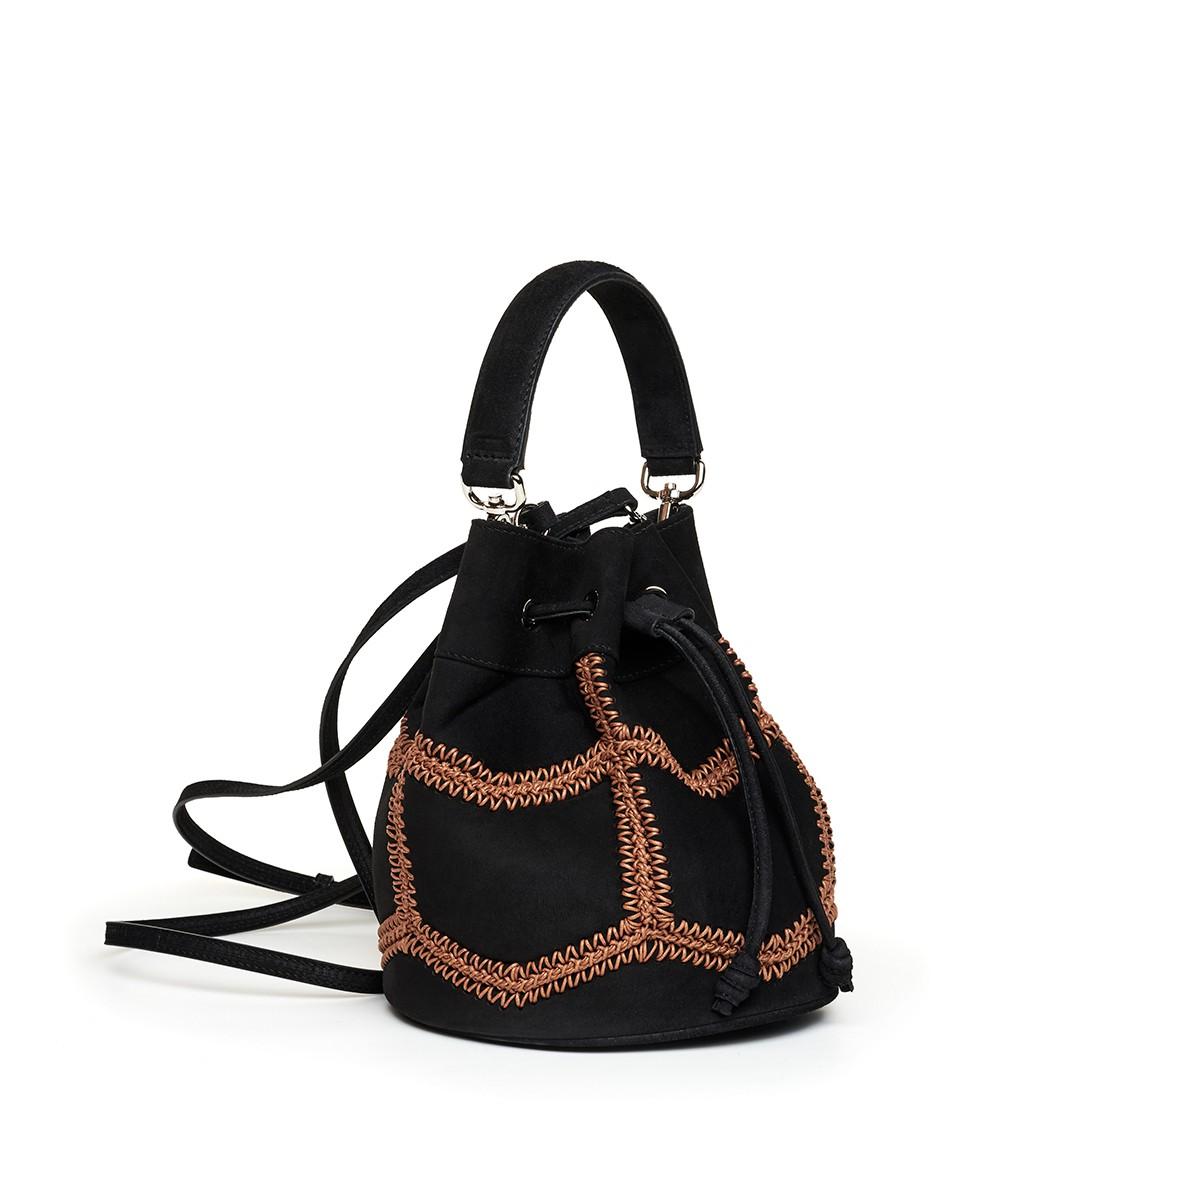 Estella_Black_Crochet_Suede_2